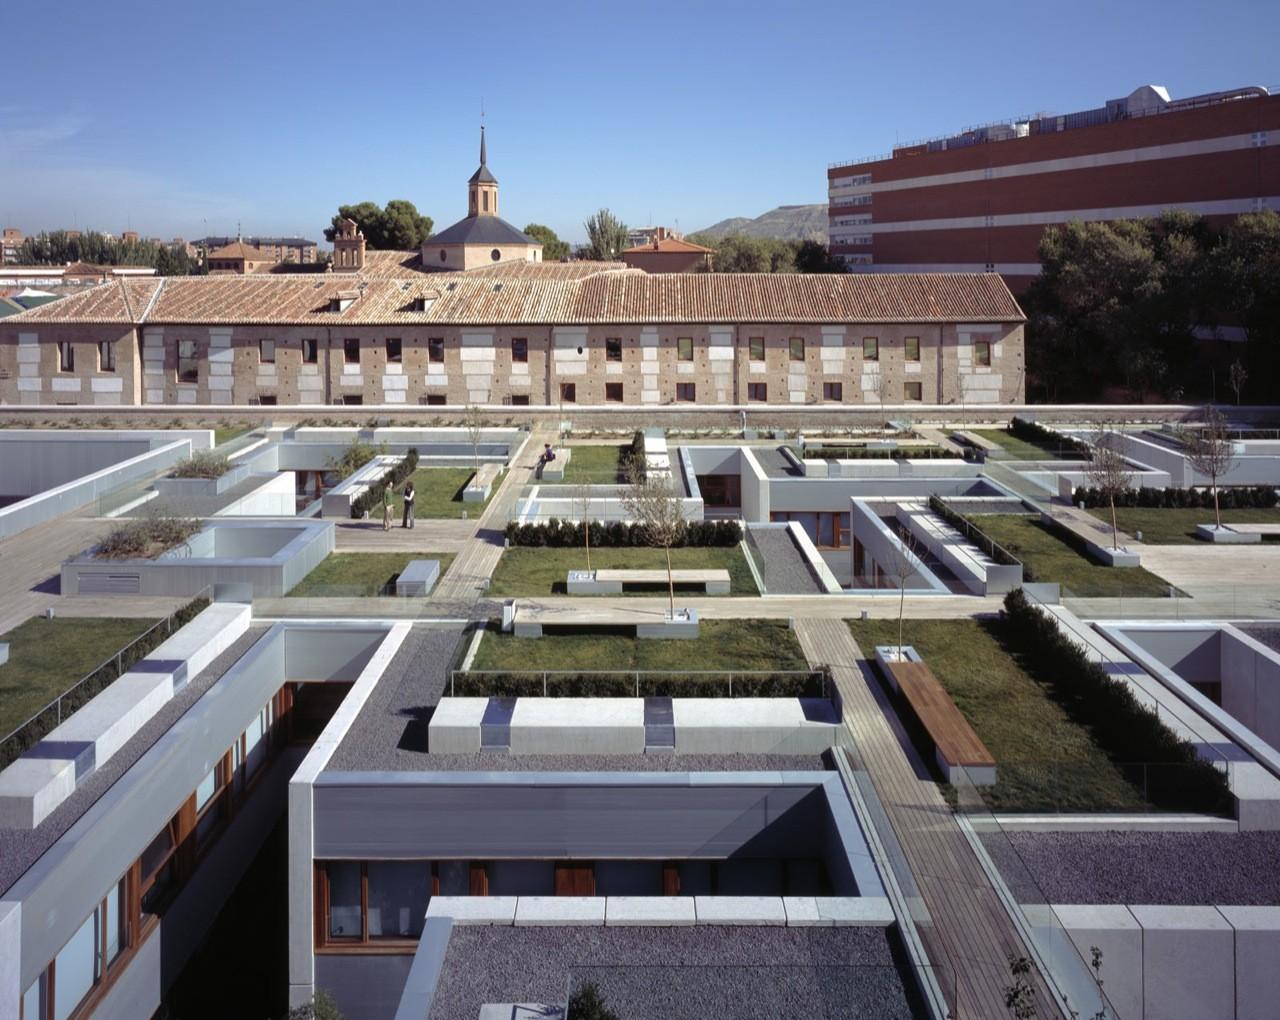 Nuevo parador de Alcalá en el Colegio de Santo Tomás / Aranguren & Gallegos Arquitectos, © Hisao Suzuki